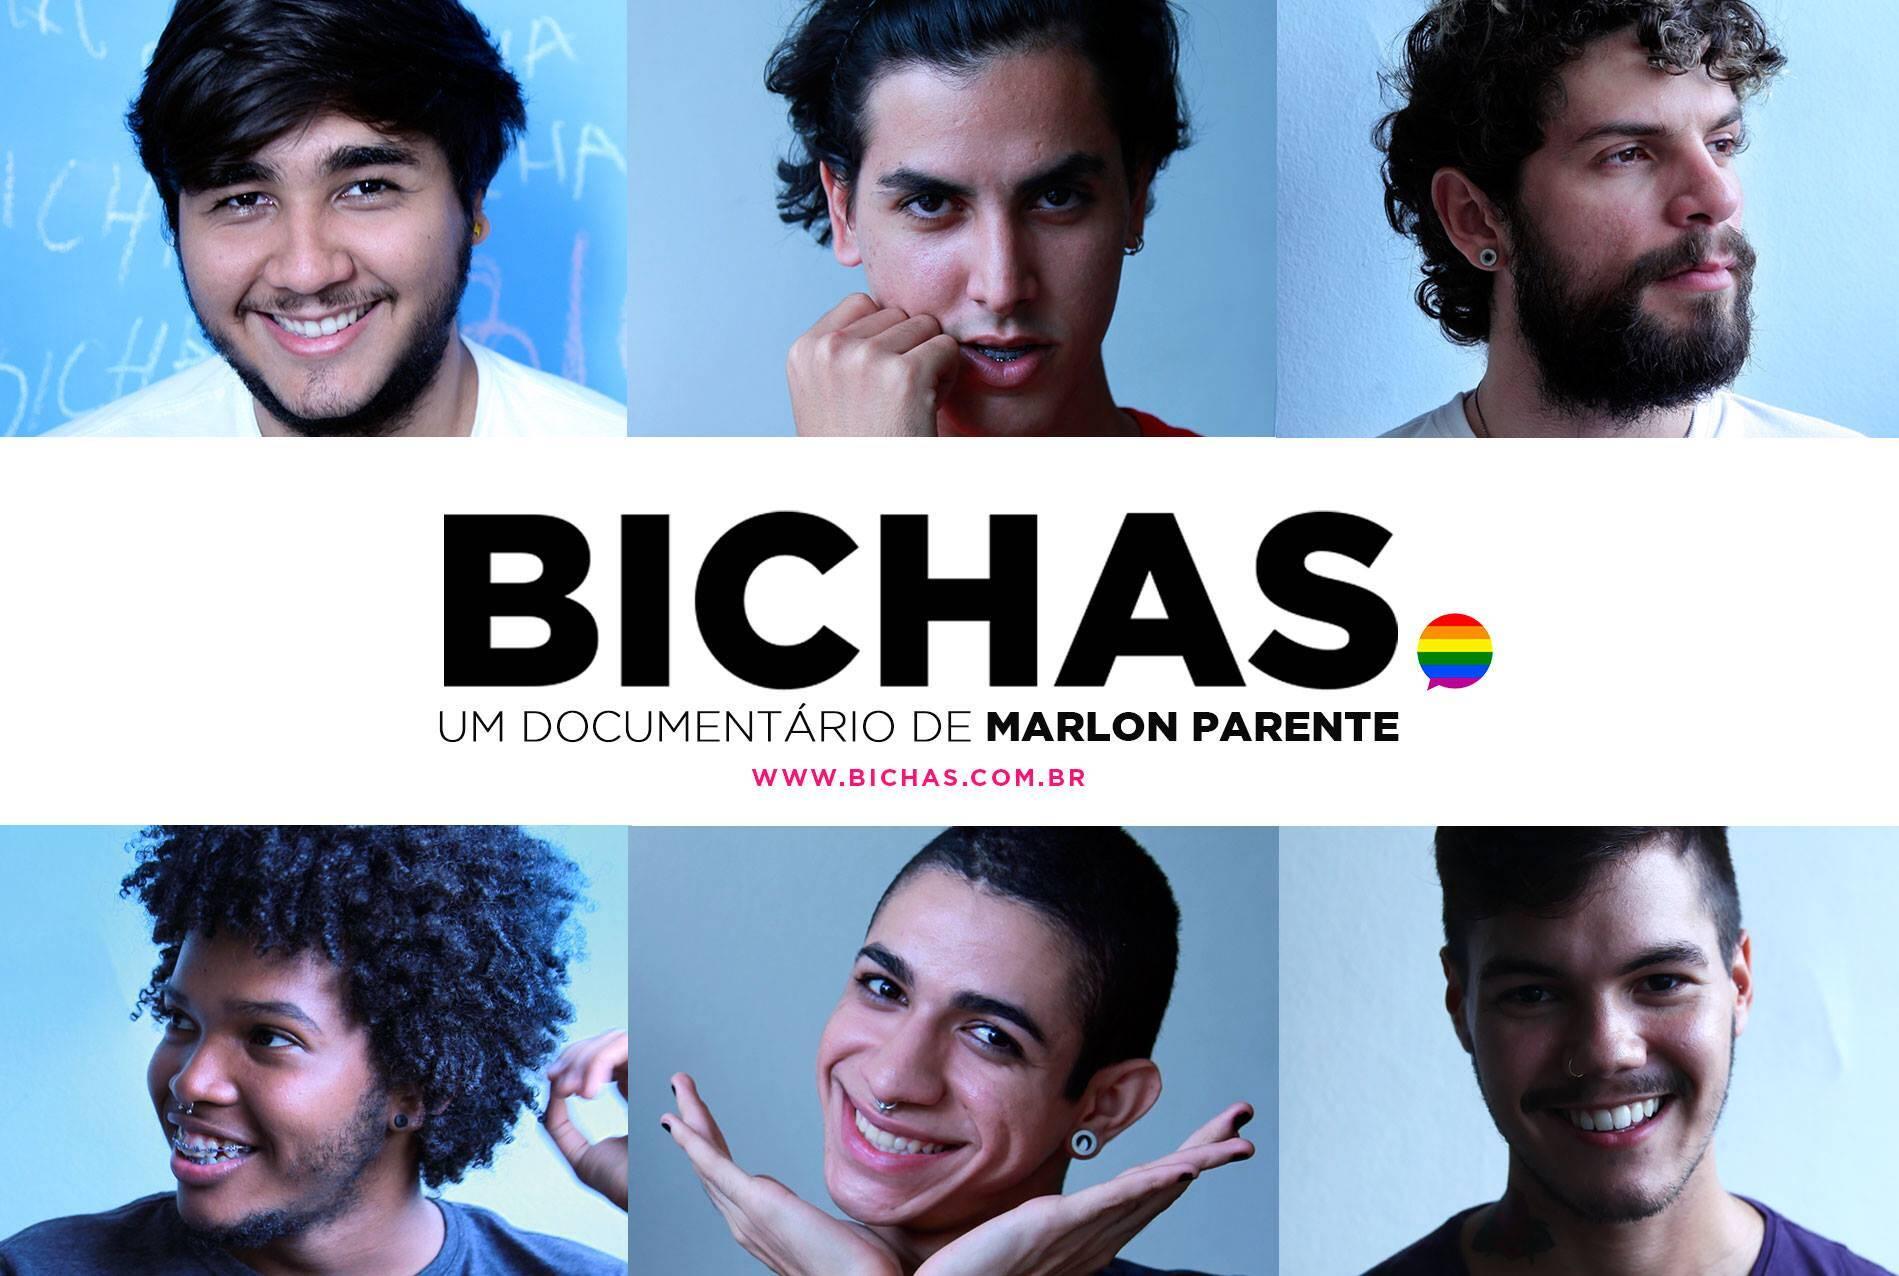 Cartaz do documentário Bichas, que integra a programação de curtas, médias e longas do Festival O Cubo, em cartaz no CCJF / Foto: divulgação